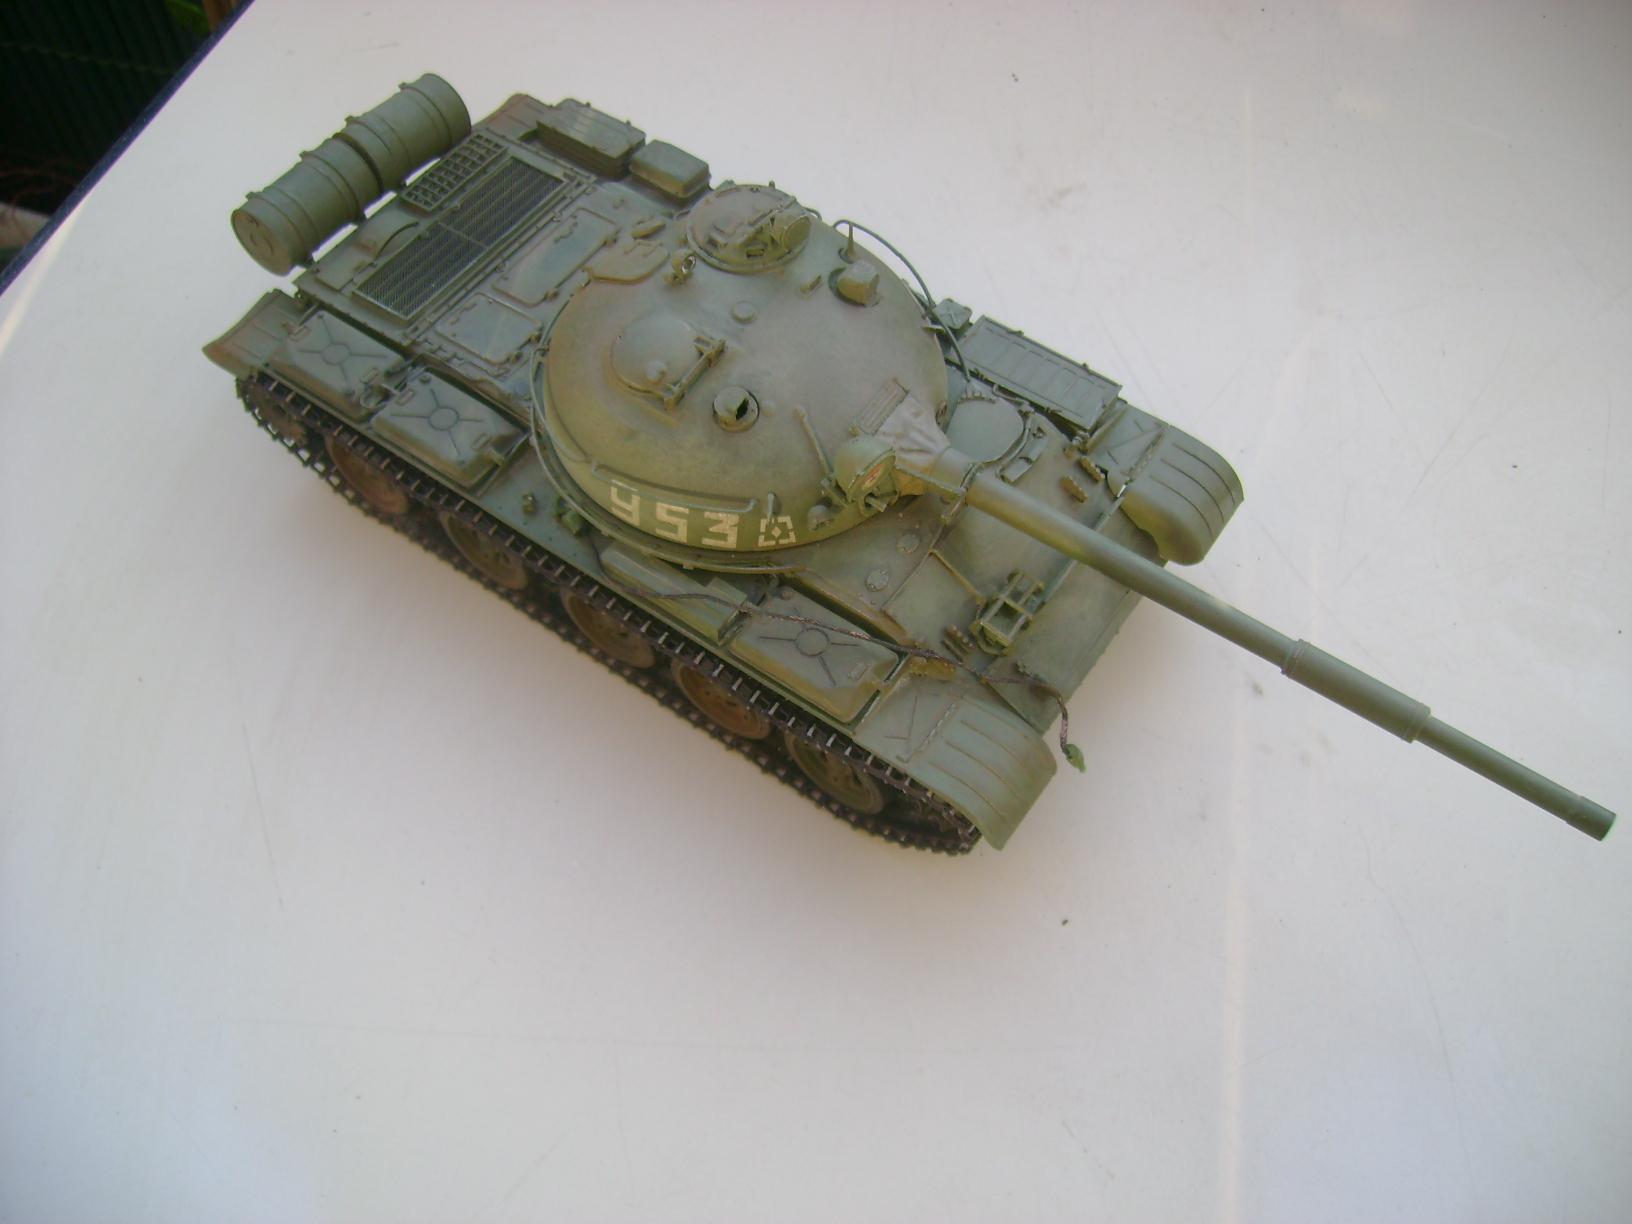 T-62 Trumpeter ...Terminé Up du 11/12... - Page 3 Dsc01738s